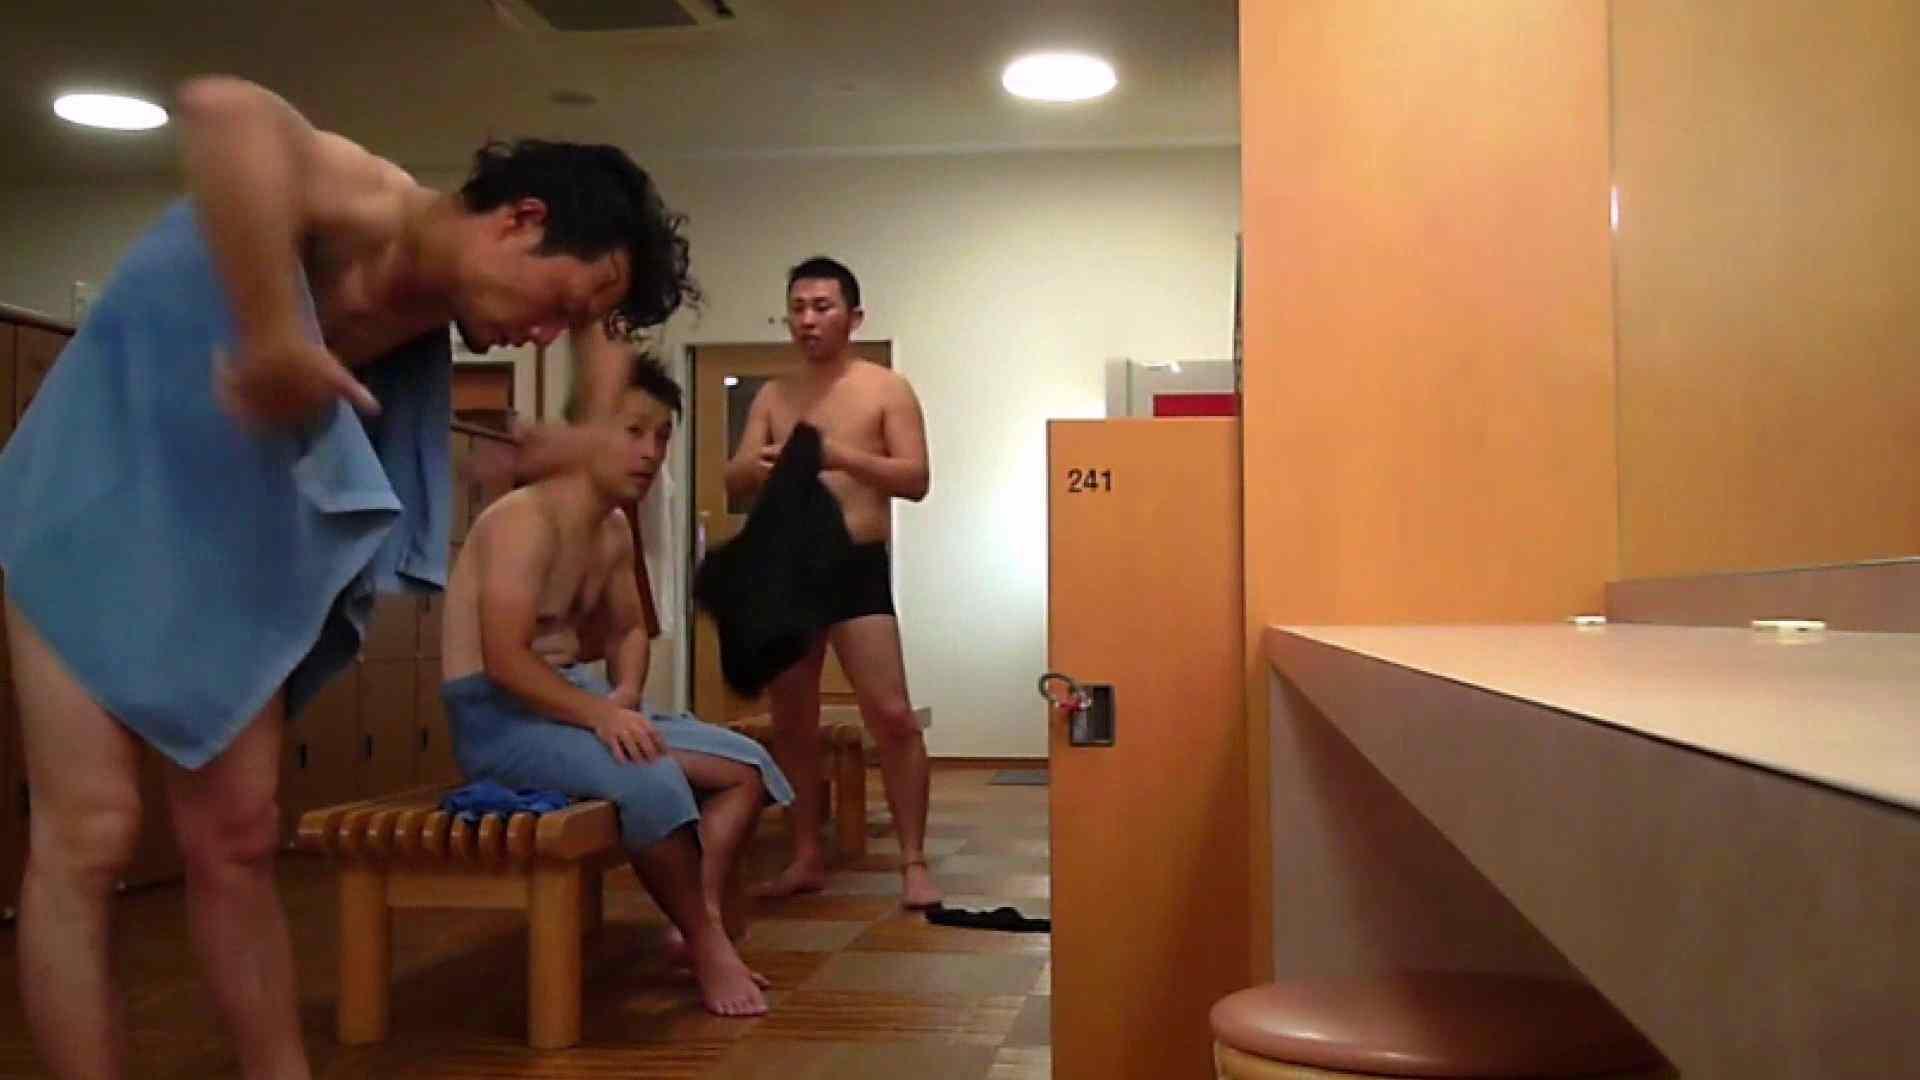 行くぜ!がっつり男風呂!Vol.09 裸 ゲイえろ動画紹介 11画像 11